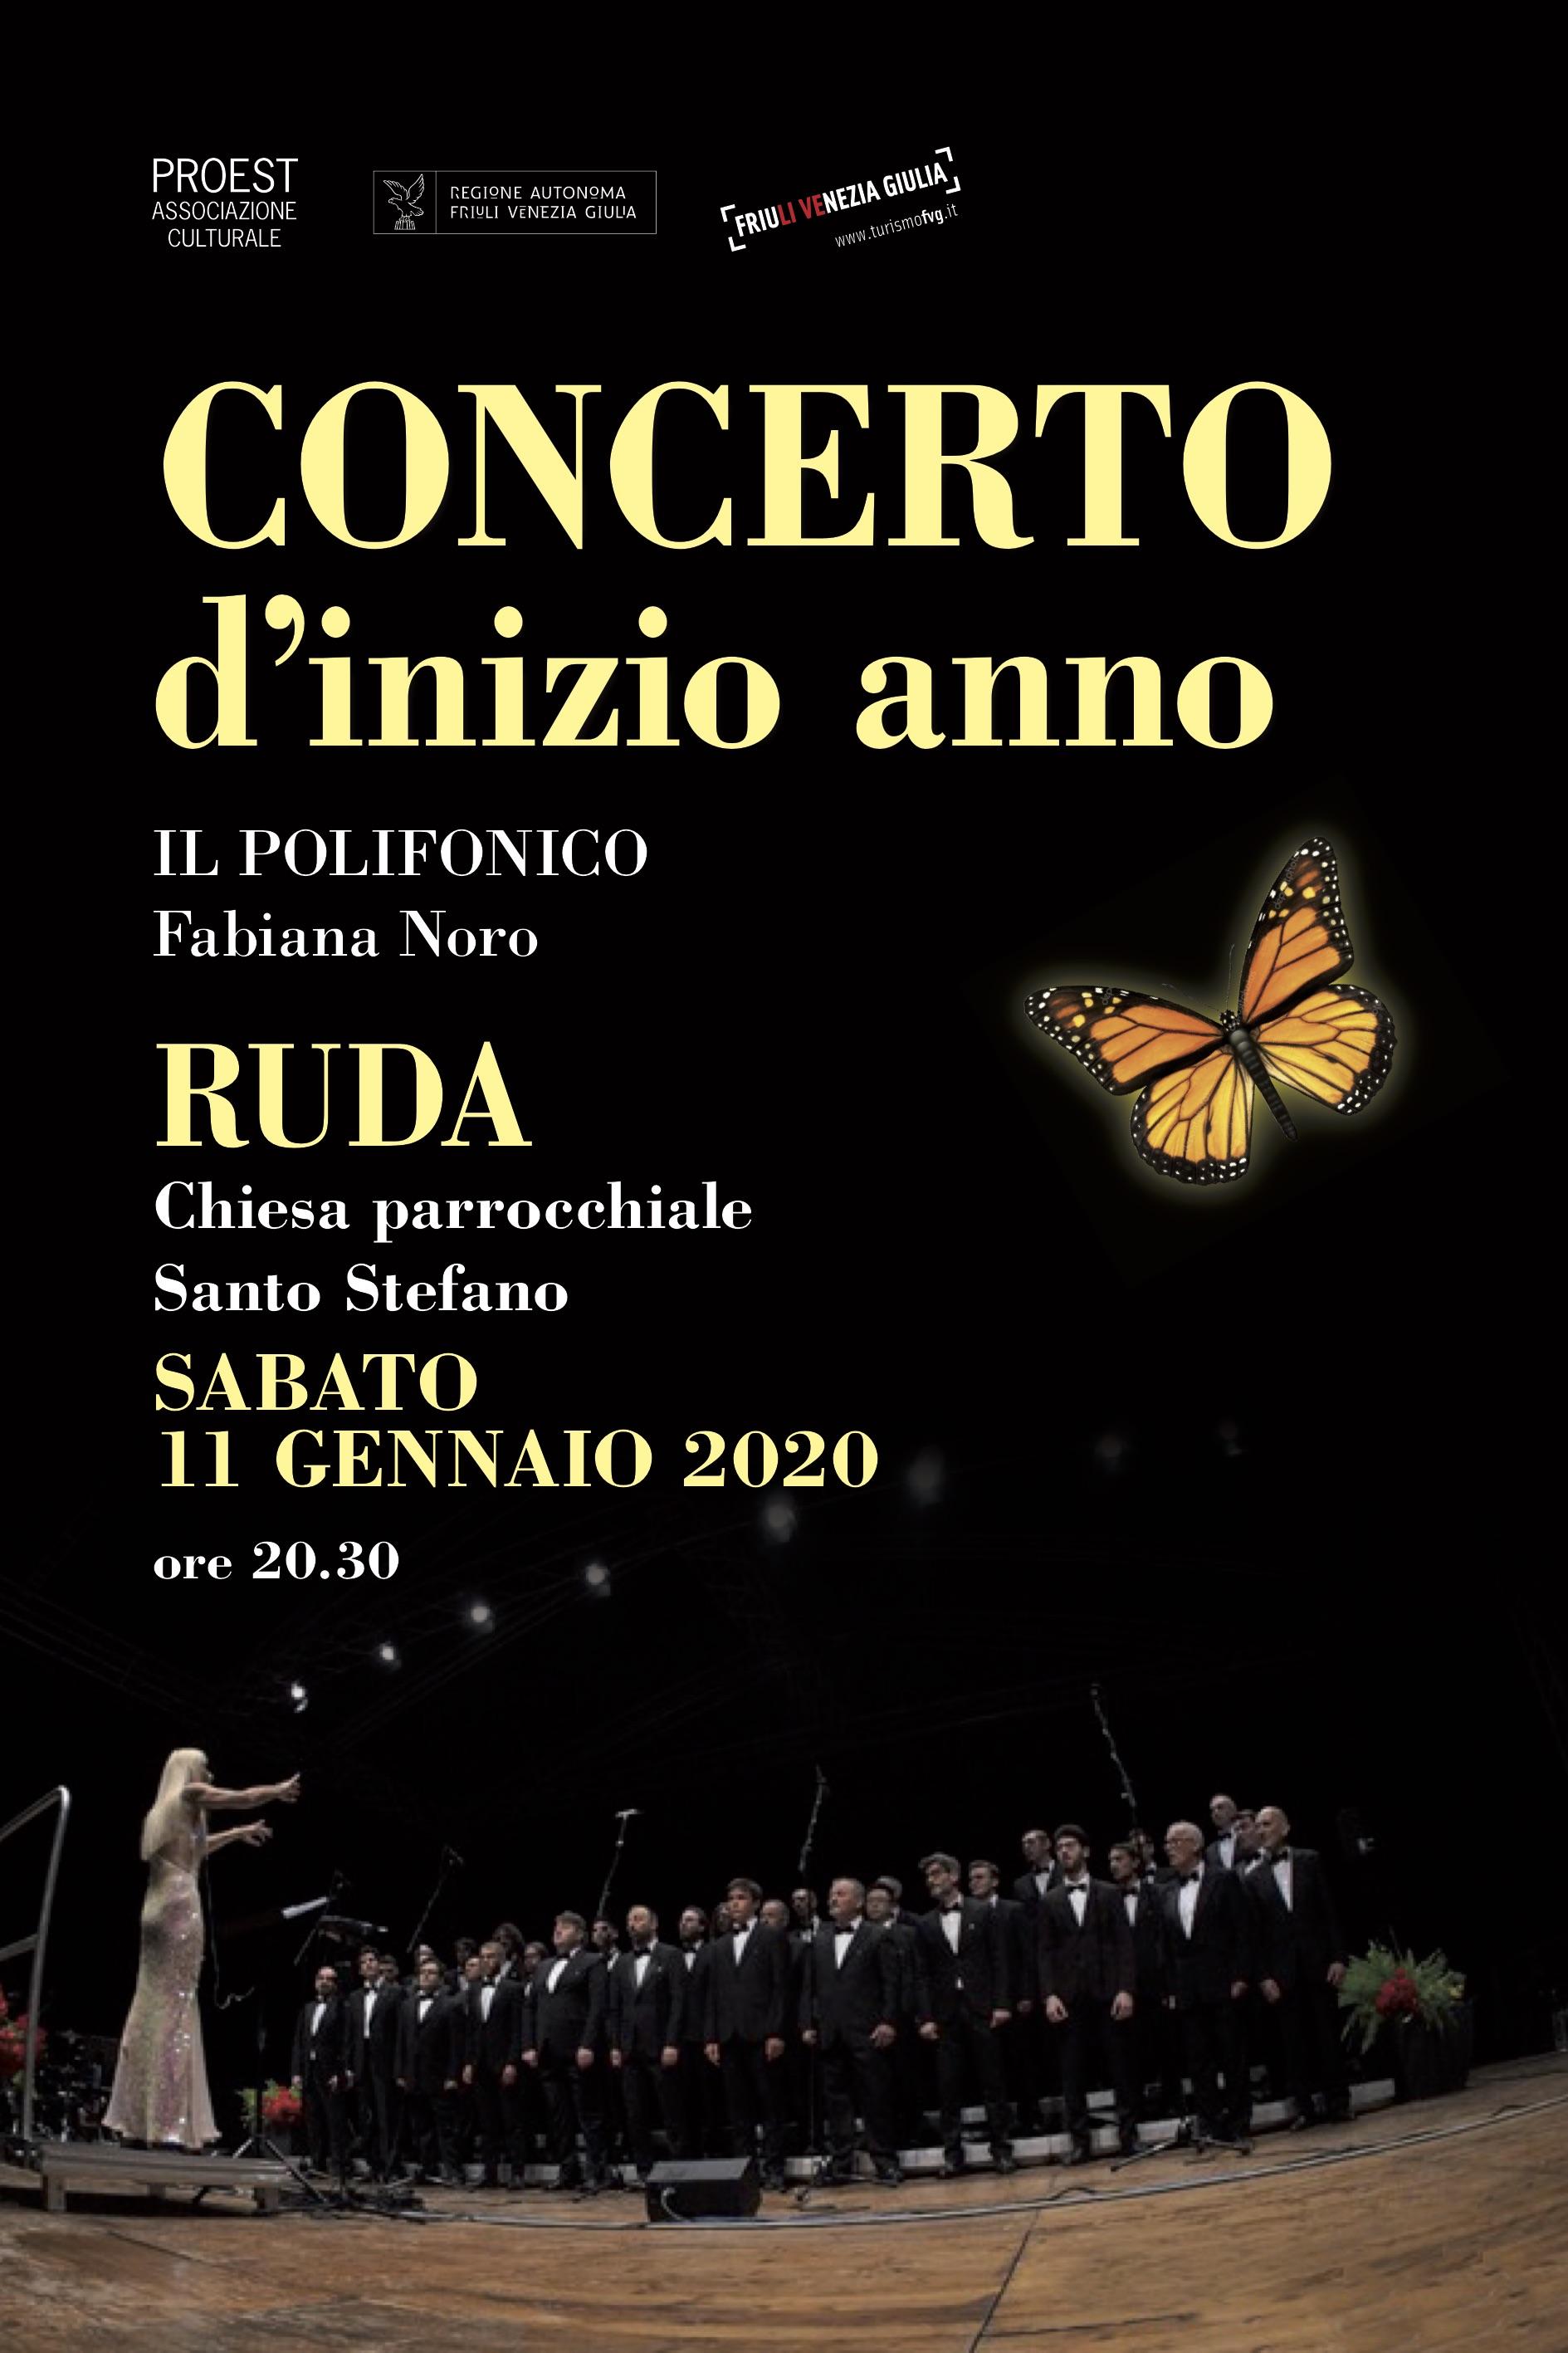 Locandina del concerto di inizio anno 2020